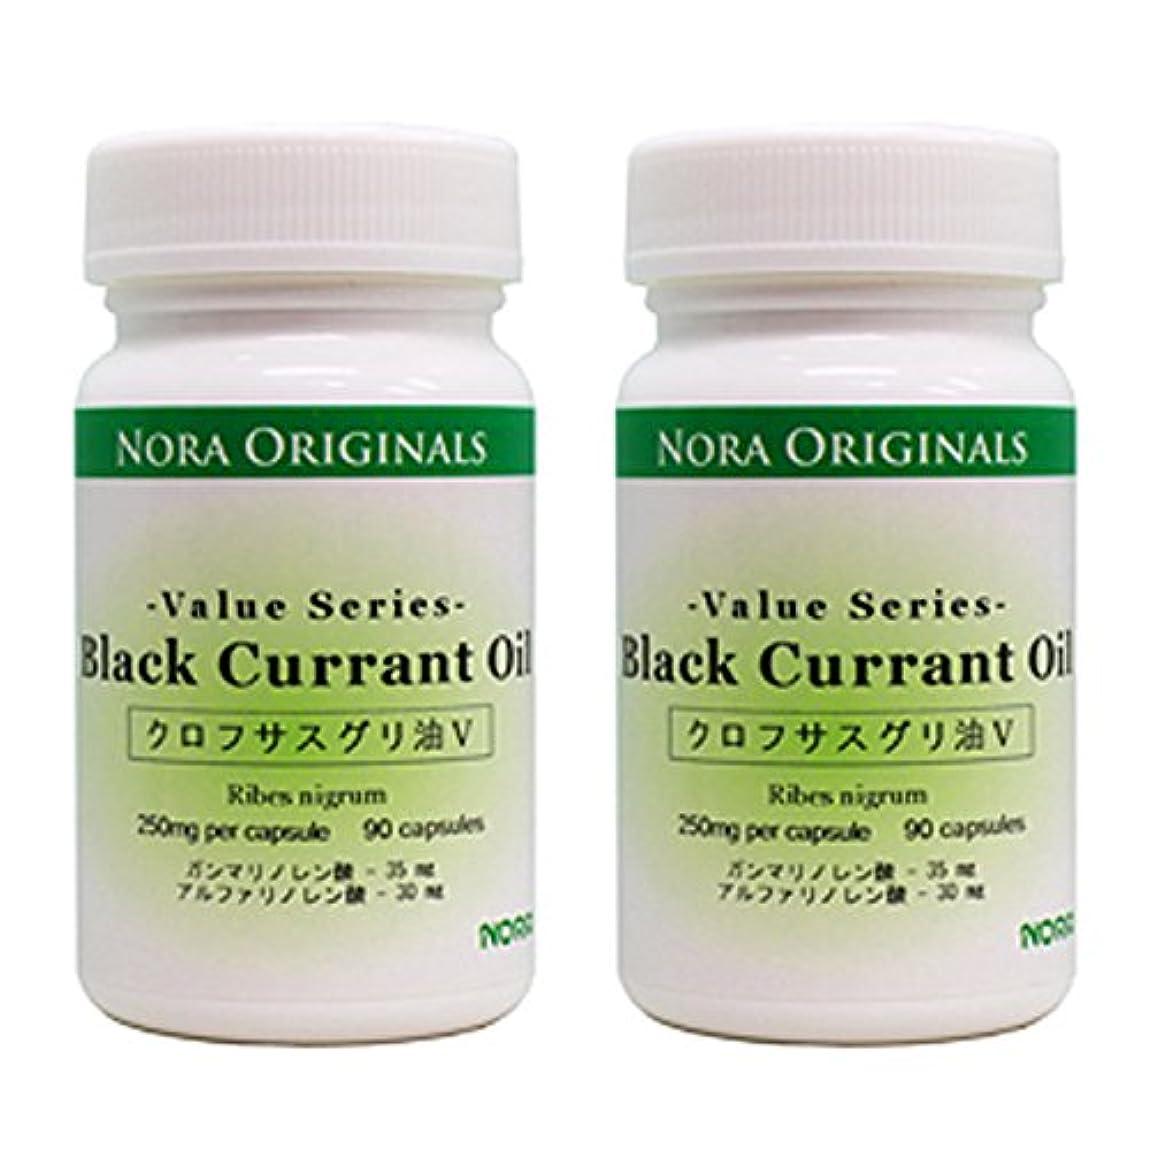 面積会う桃ノラ・オリジナルズ クロフサスグリ油 V Black Currant Oil V オイル 250mg 90カプセル 2個セット